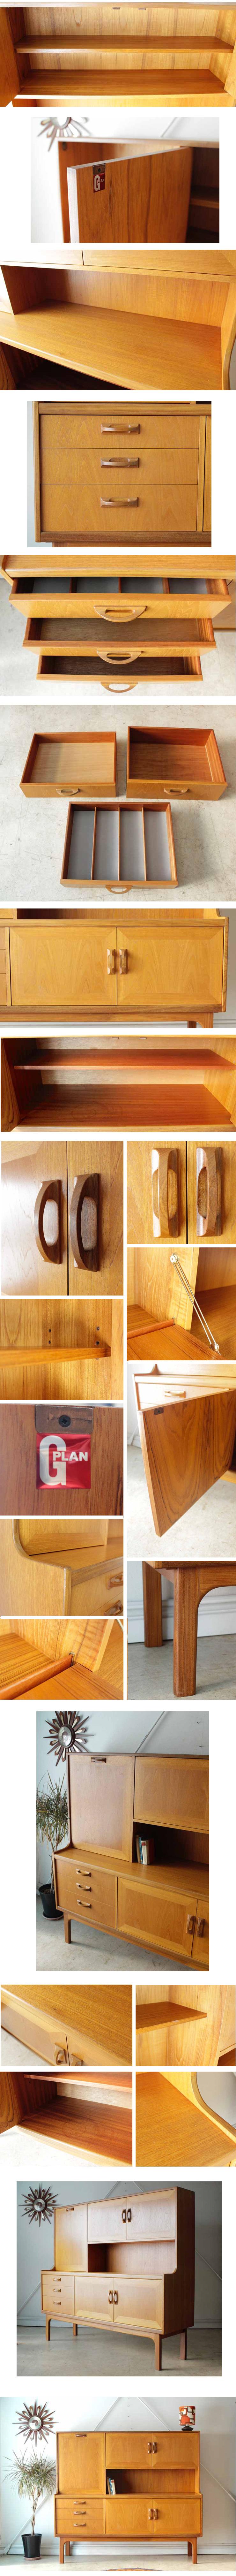 G-planジープラン【ビンテージチーク】【イギリス】 サイドボード食器棚アンティーク北欧デザイン